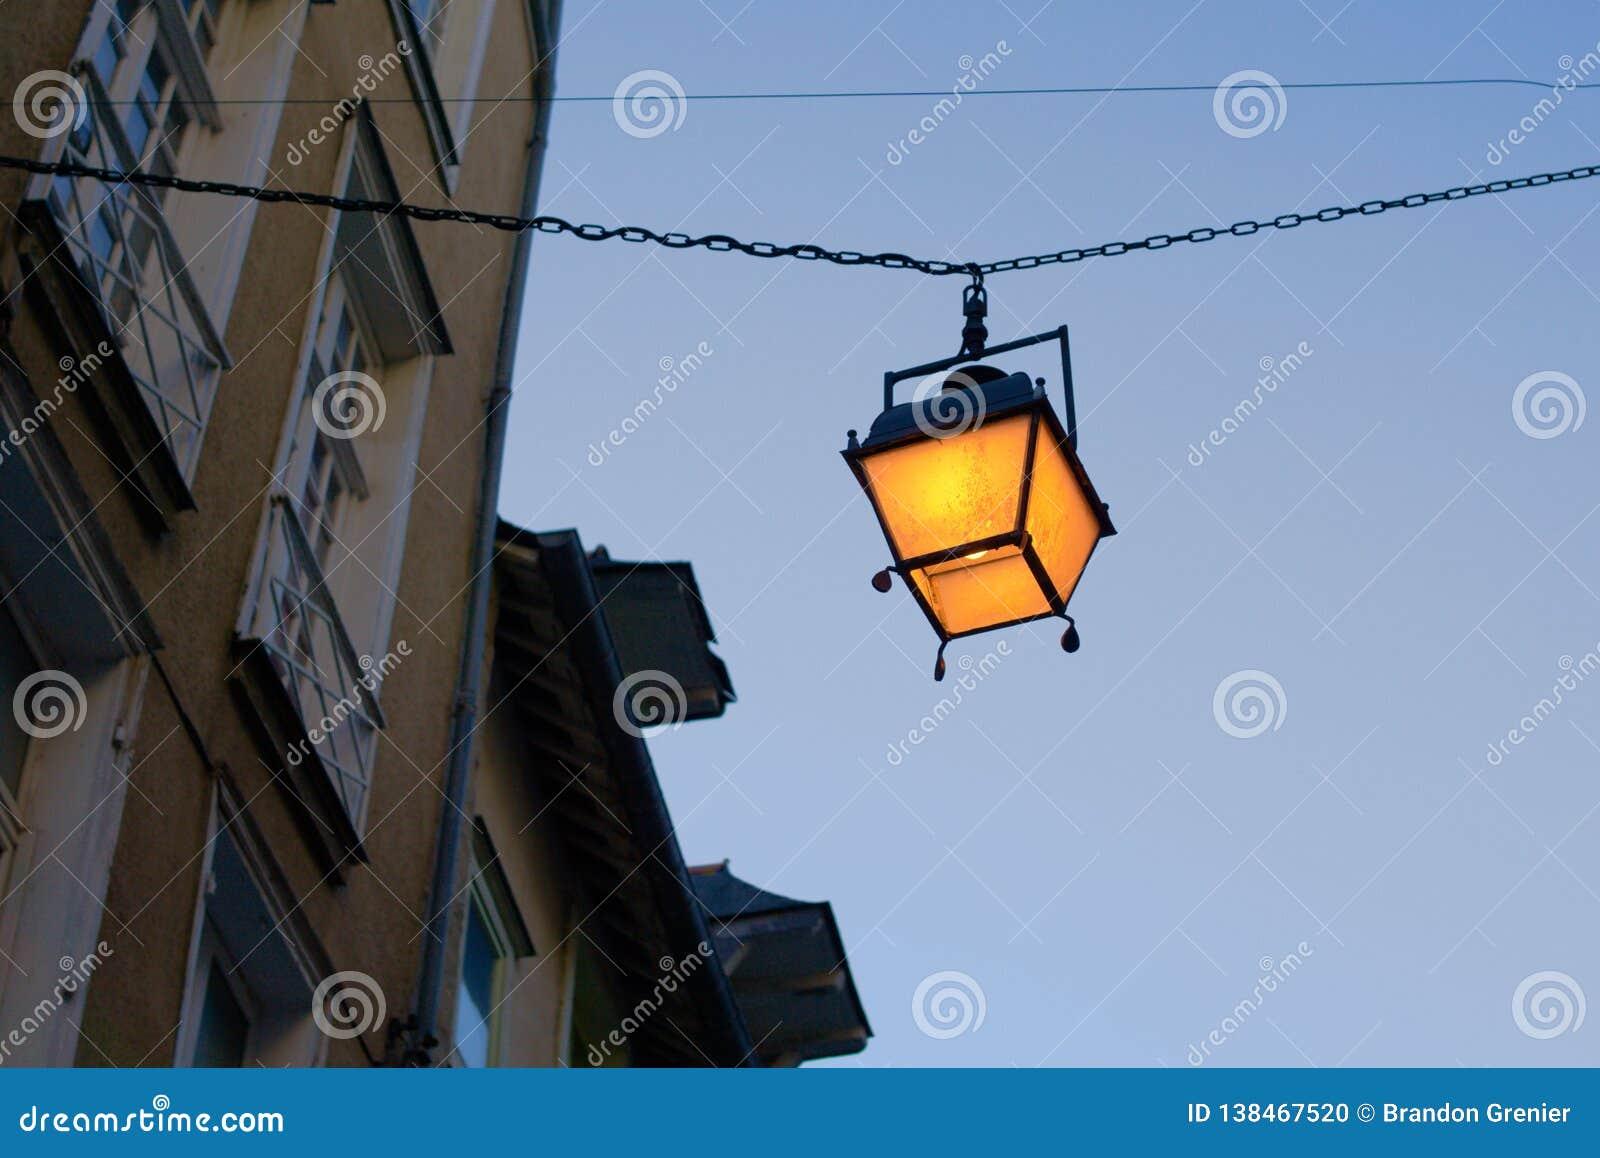 Lantern in european alley streetlight